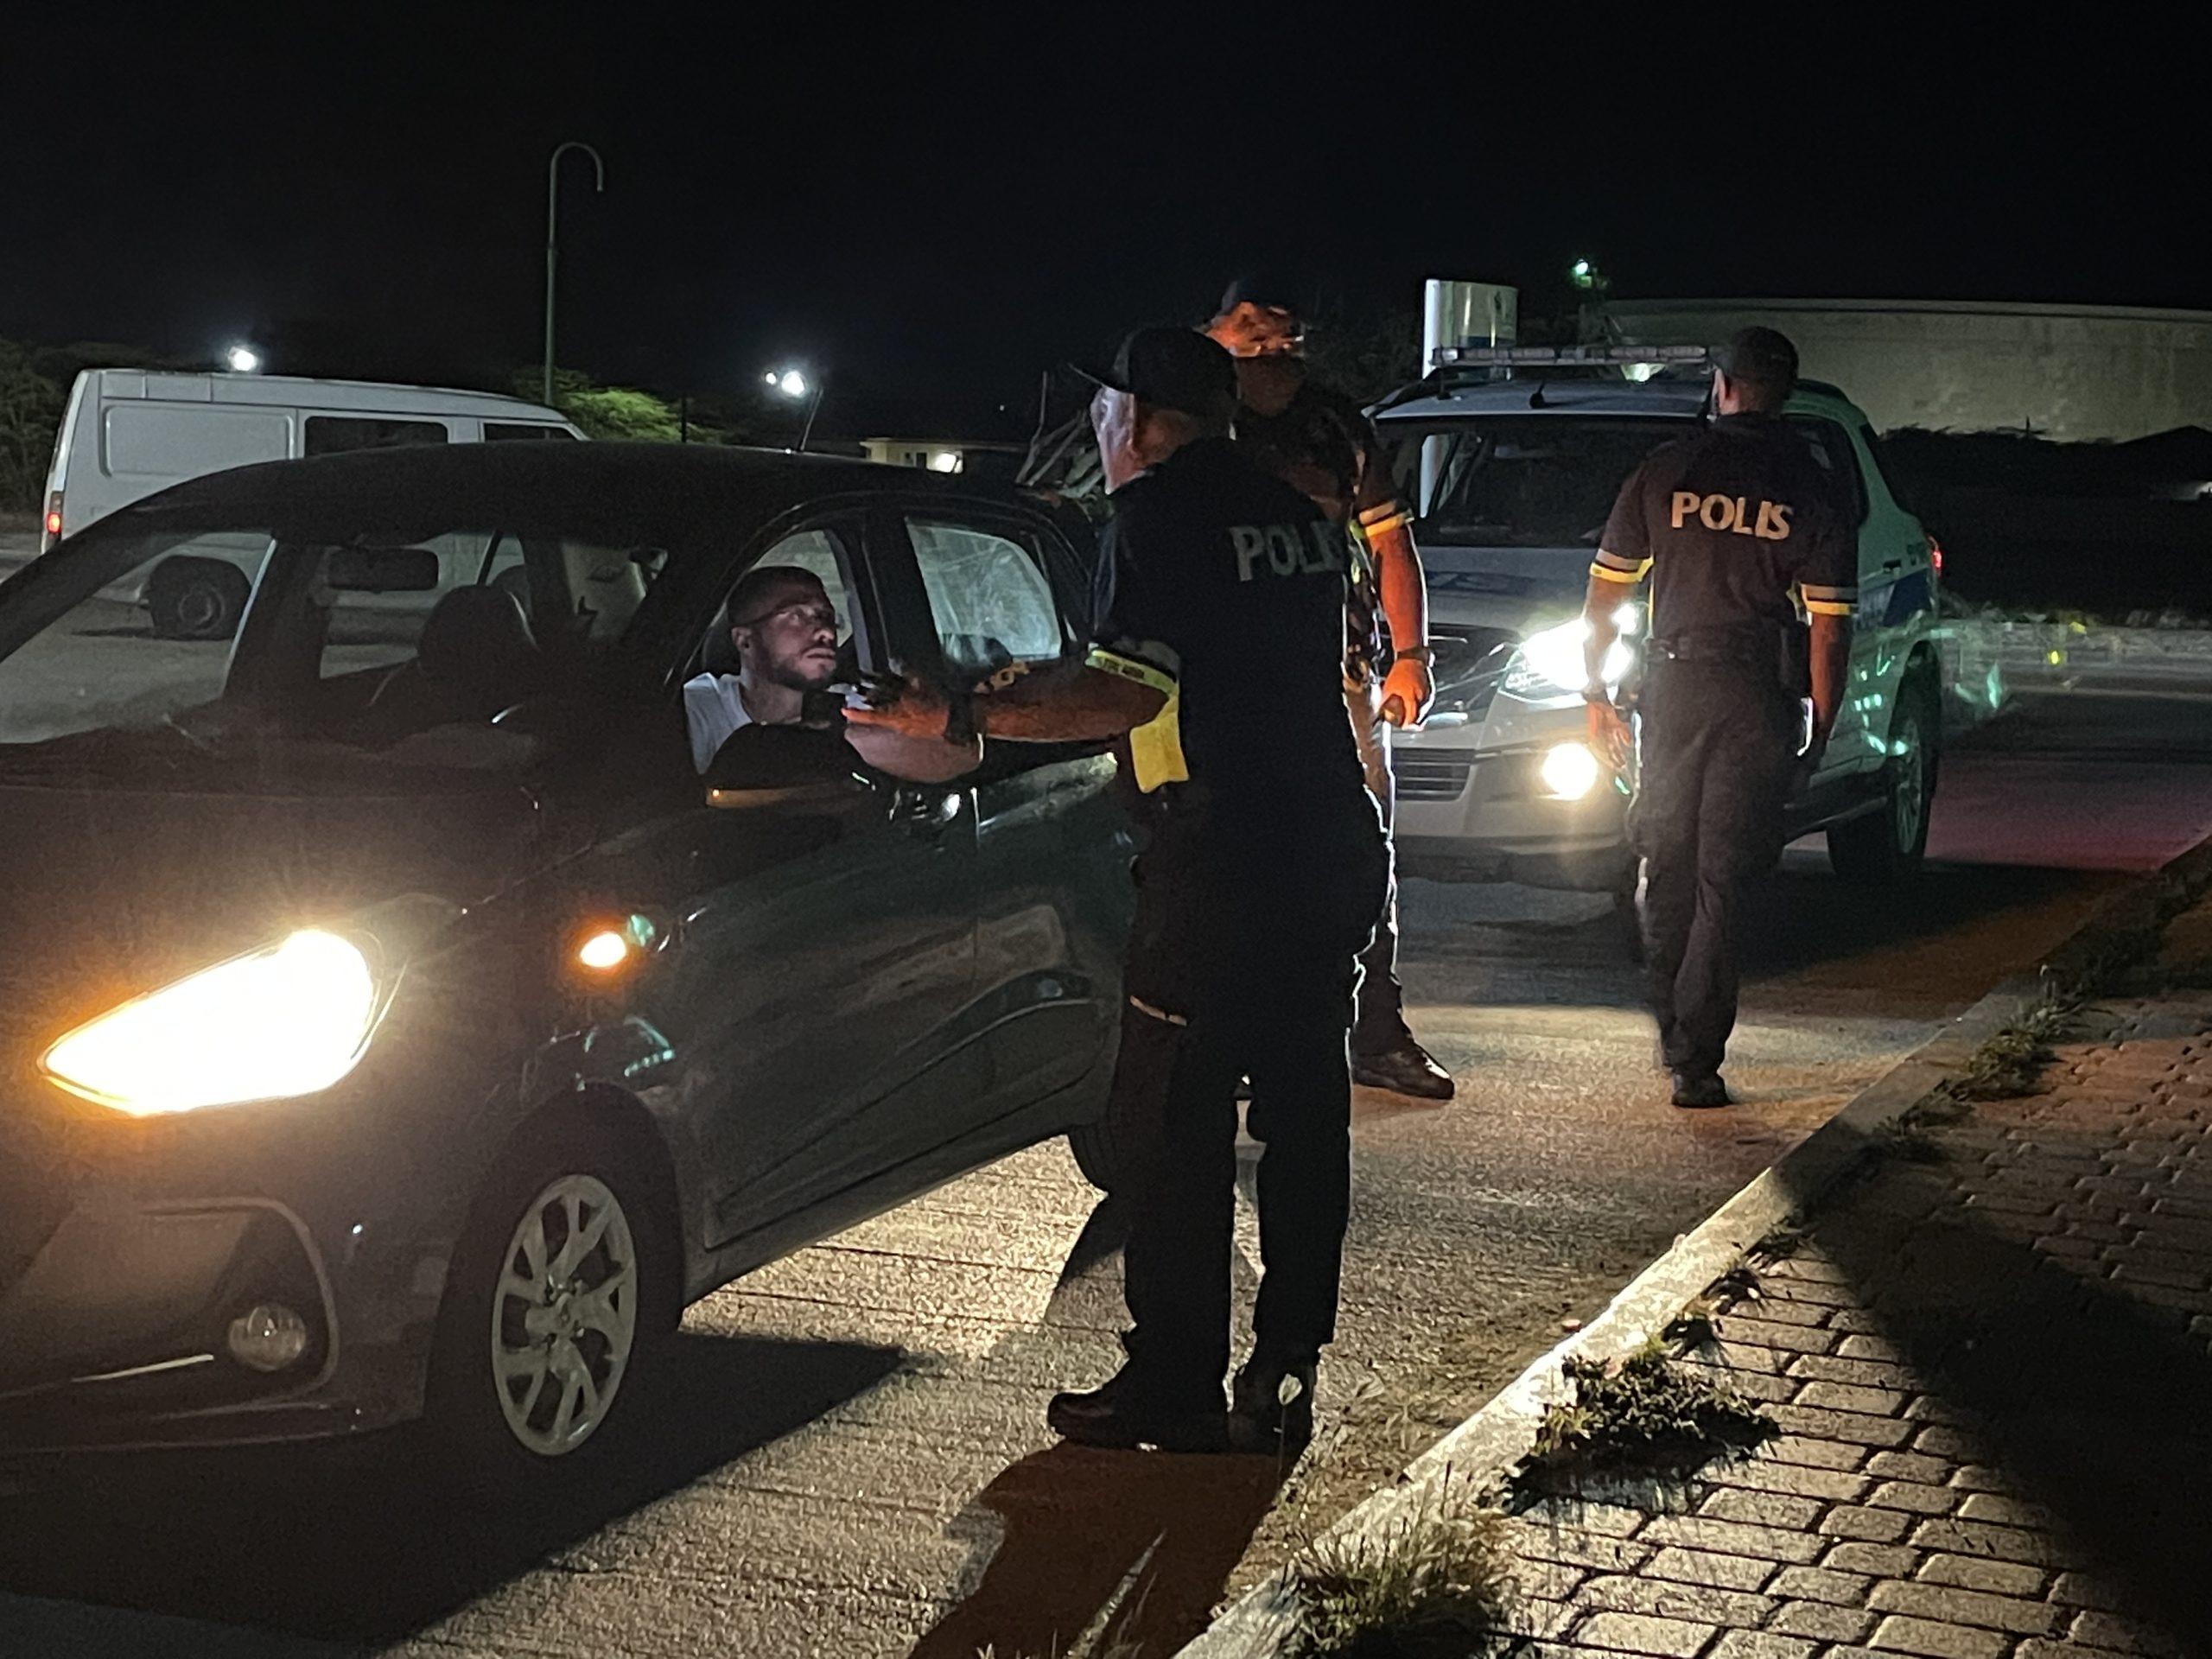 Persecucion sin rijbewijs a laga auto sin chauffeur